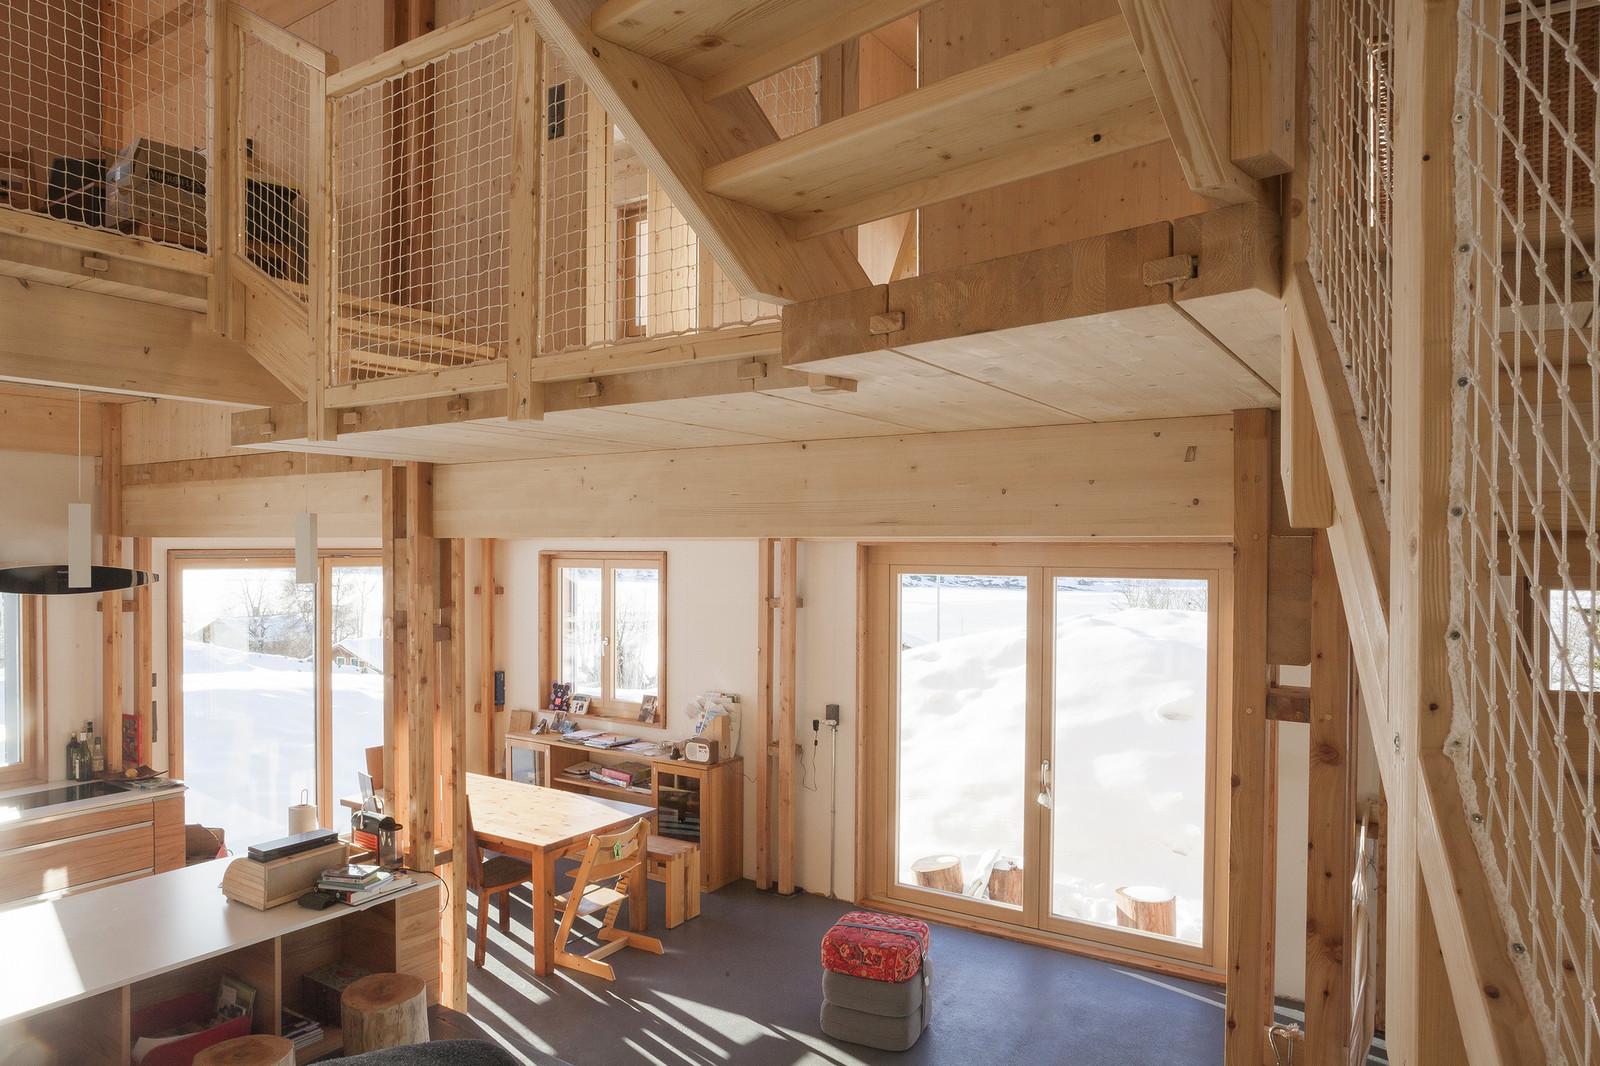 cottage-r-just3ds.com-6